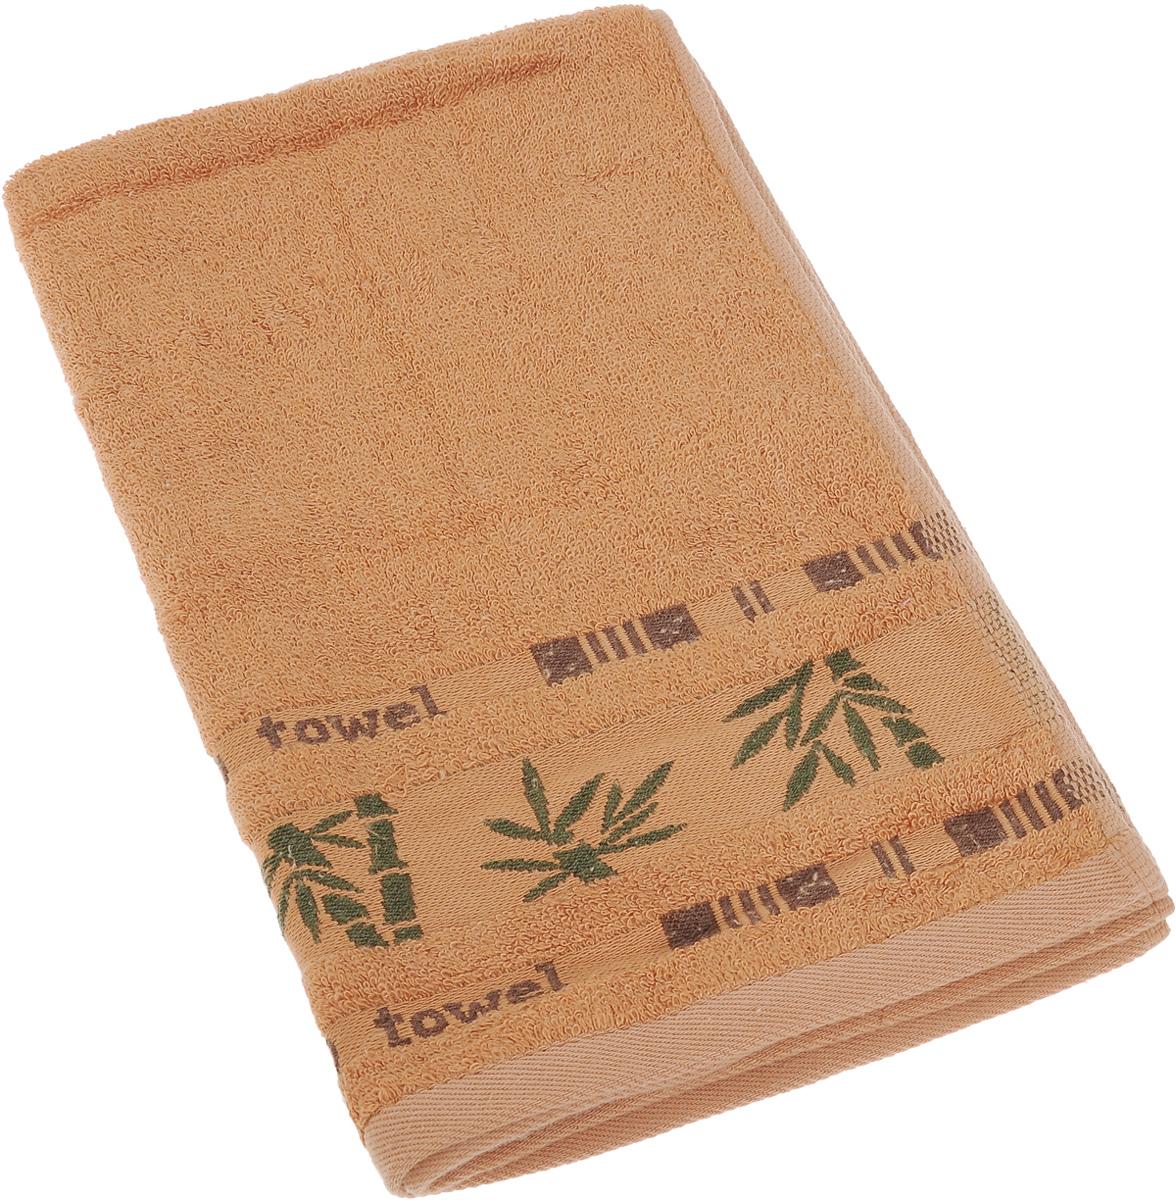 Полотенце Soavita Betty, цвет: терракотовый, 40 х 60 см68/5/3Полотенце Soavita Betty выполнено из 100% бамбукового волокна. Изделие отлично впитывает влагу, быстро сохнет, сохраняет яркость цвета и не теряет форму даже после многократных стирок. Полотенце очень практично и неприхотливо в уходе. Оно создаст прекрасное настроение и украсит интерьер.